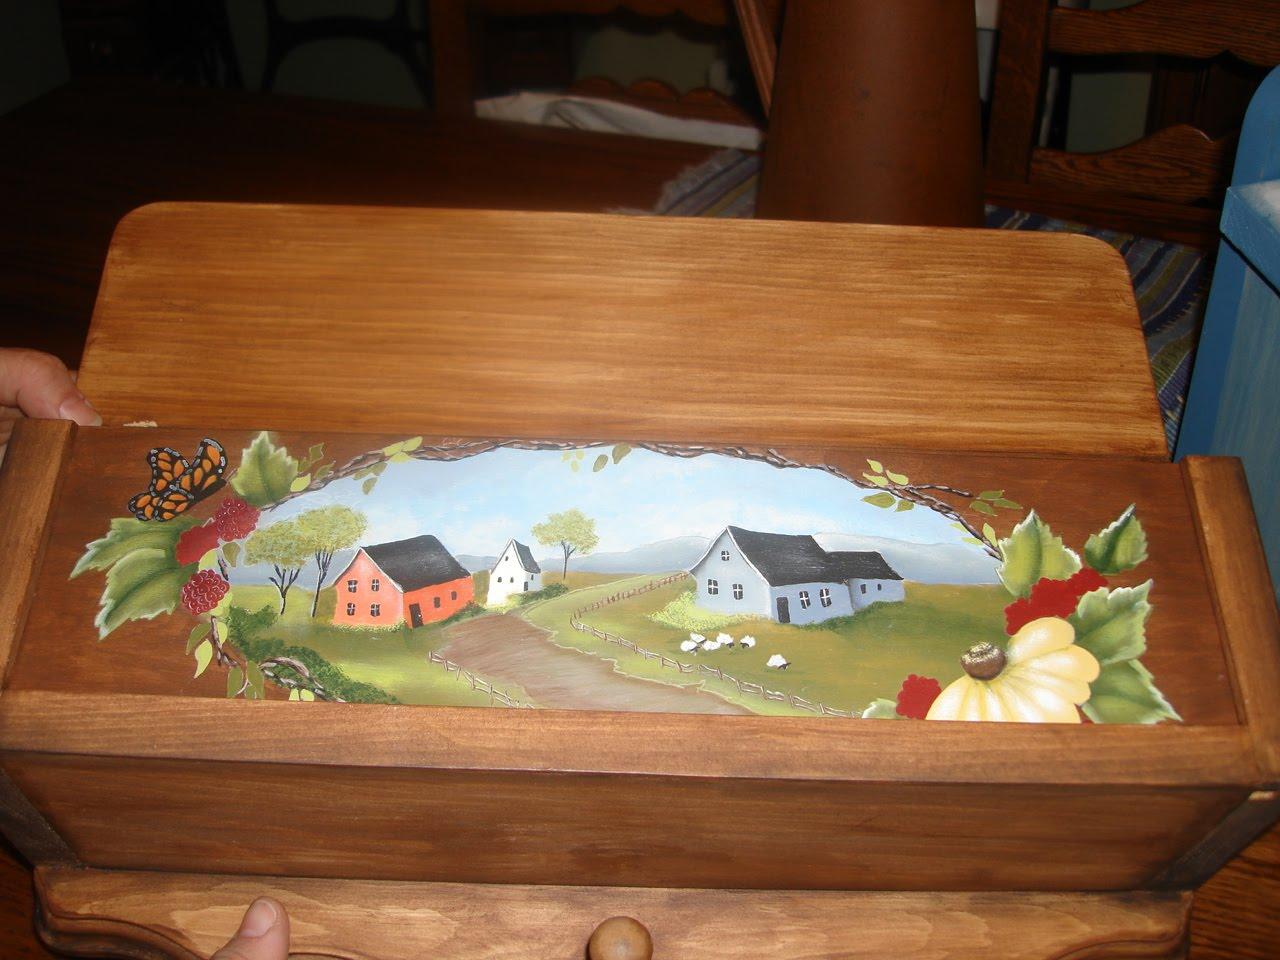 les bidouilles blog de peinture d corative mes 2 l ves. Black Bedroom Furniture Sets. Home Design Ideas